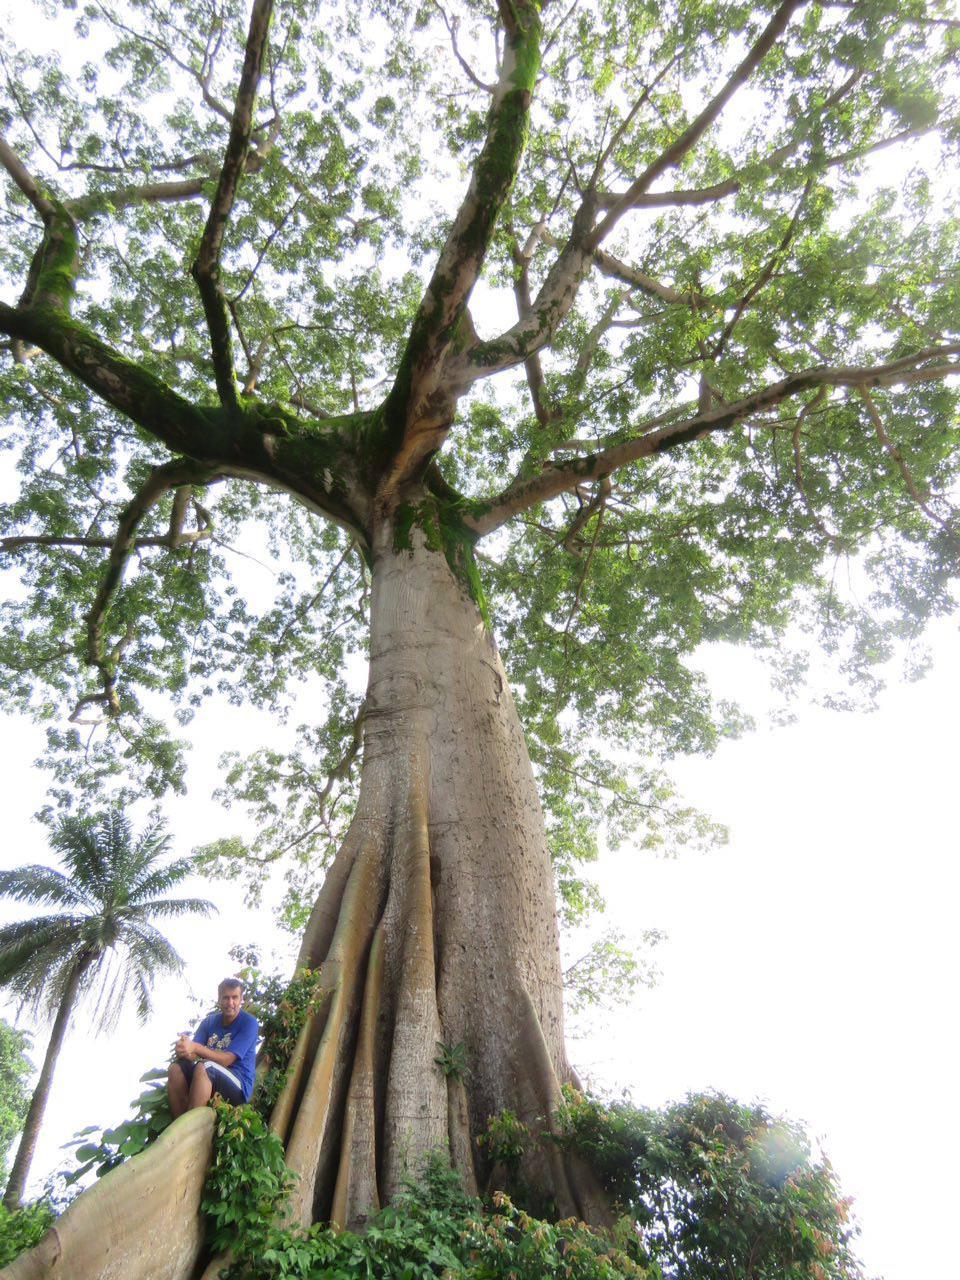 ساحل کنت اما از آن ساحل های ماسه ای سفید و زیبای سیرالئون است که در عین سادگی، به زیبایی توسط درختان استوایی تنومند و همچنین درختان نارگیل تزیین شده است...